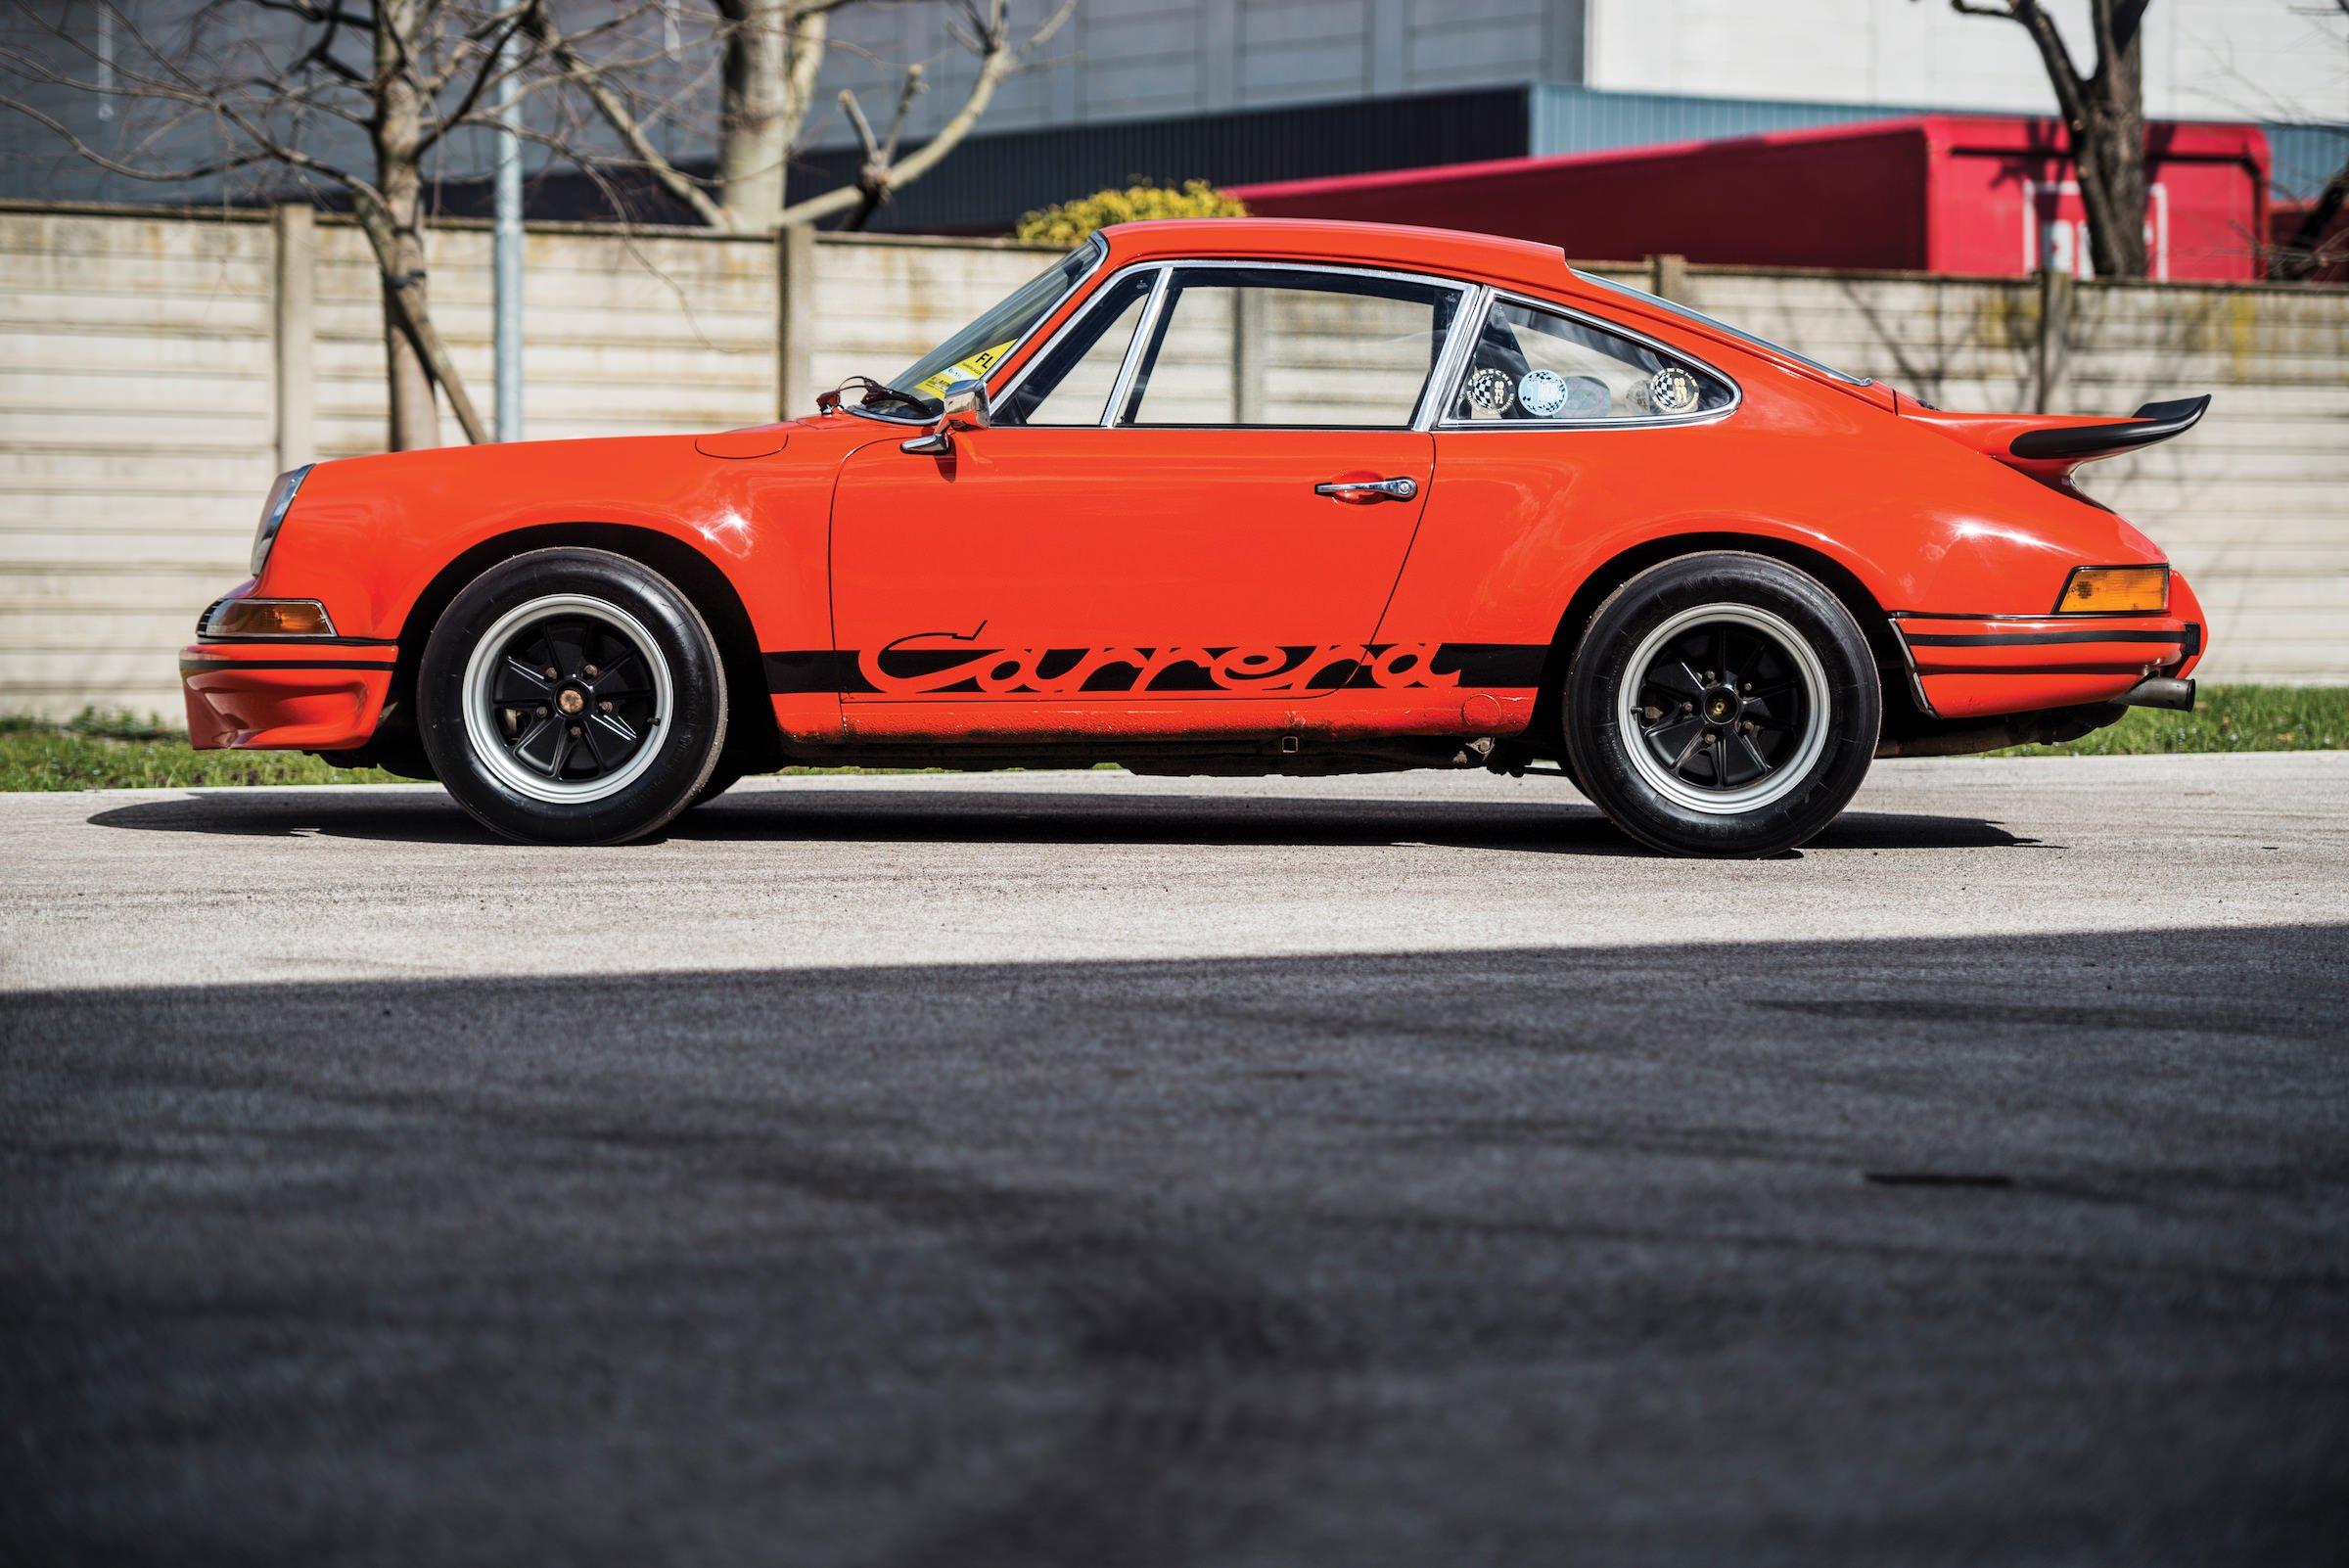 1973 Porsche 911 Carrera Rs 27 Lightweight Built For Leo Kinnunen Wiring Harness The Shown Here